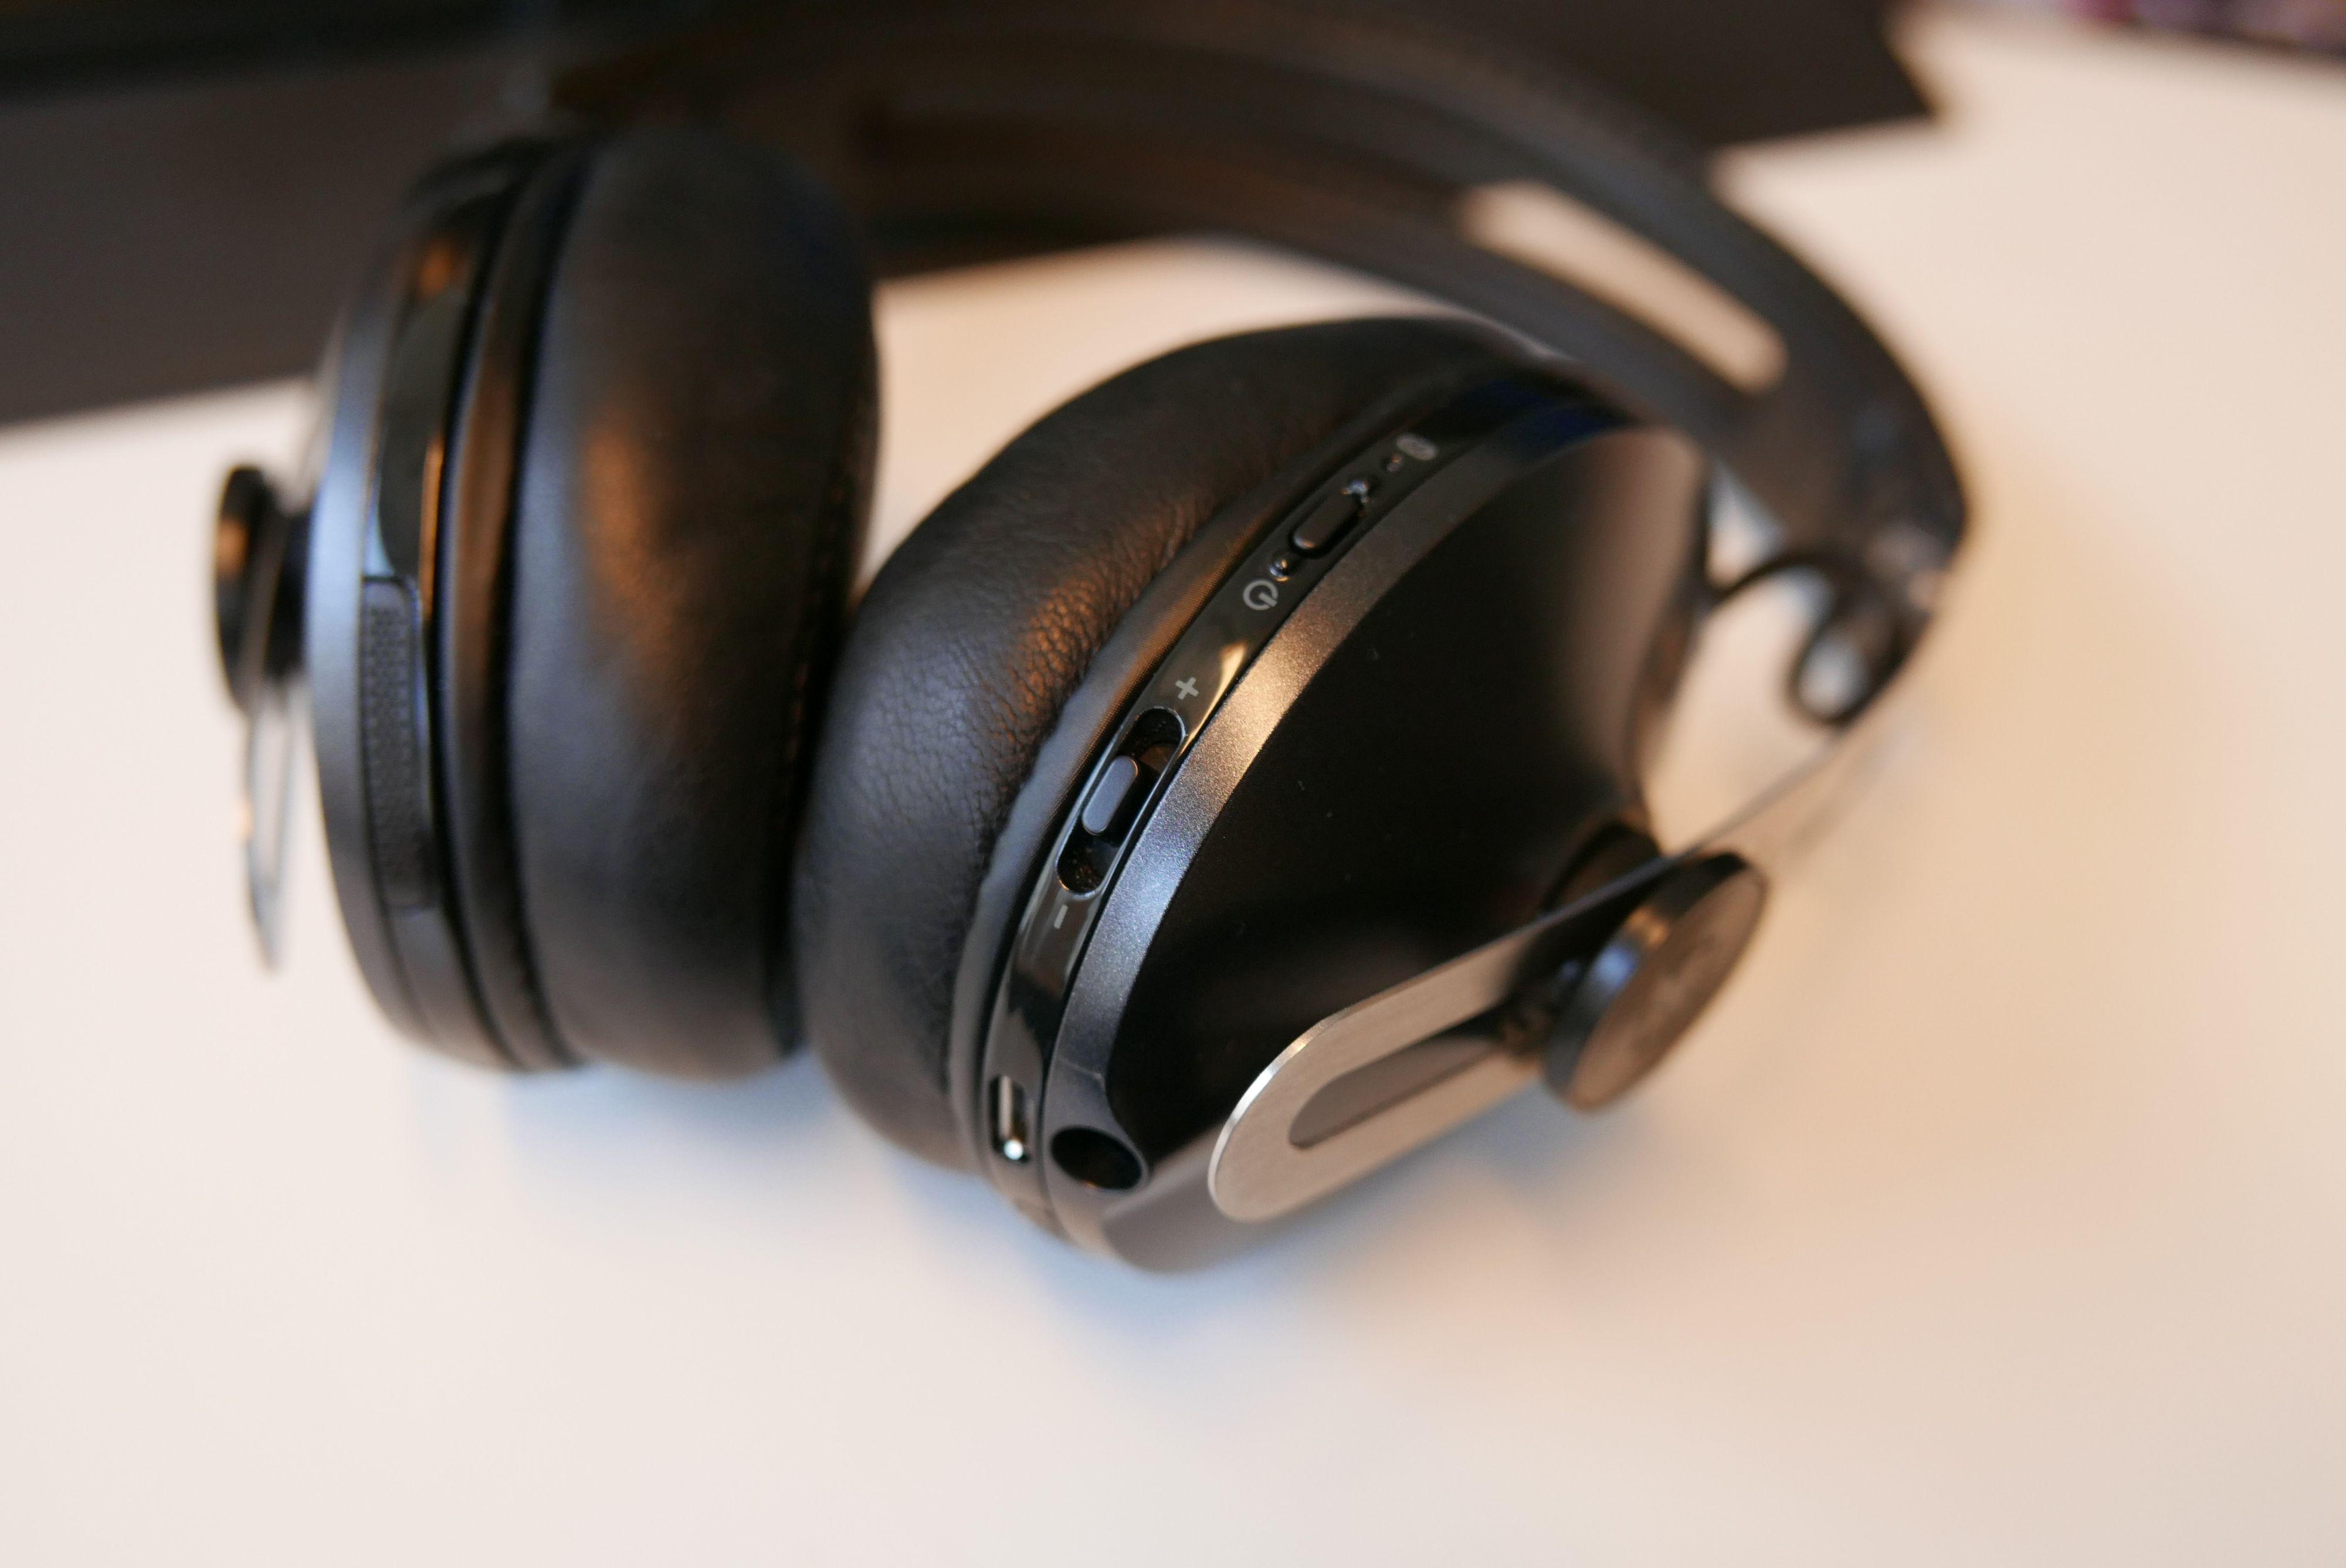 Brillefin lyd uten hverken den nye USB-kontakten eller jack. Momentum II Wireless er blant de beste hodetelefonene vi har testet, og de trenger bare kabelen til lading.